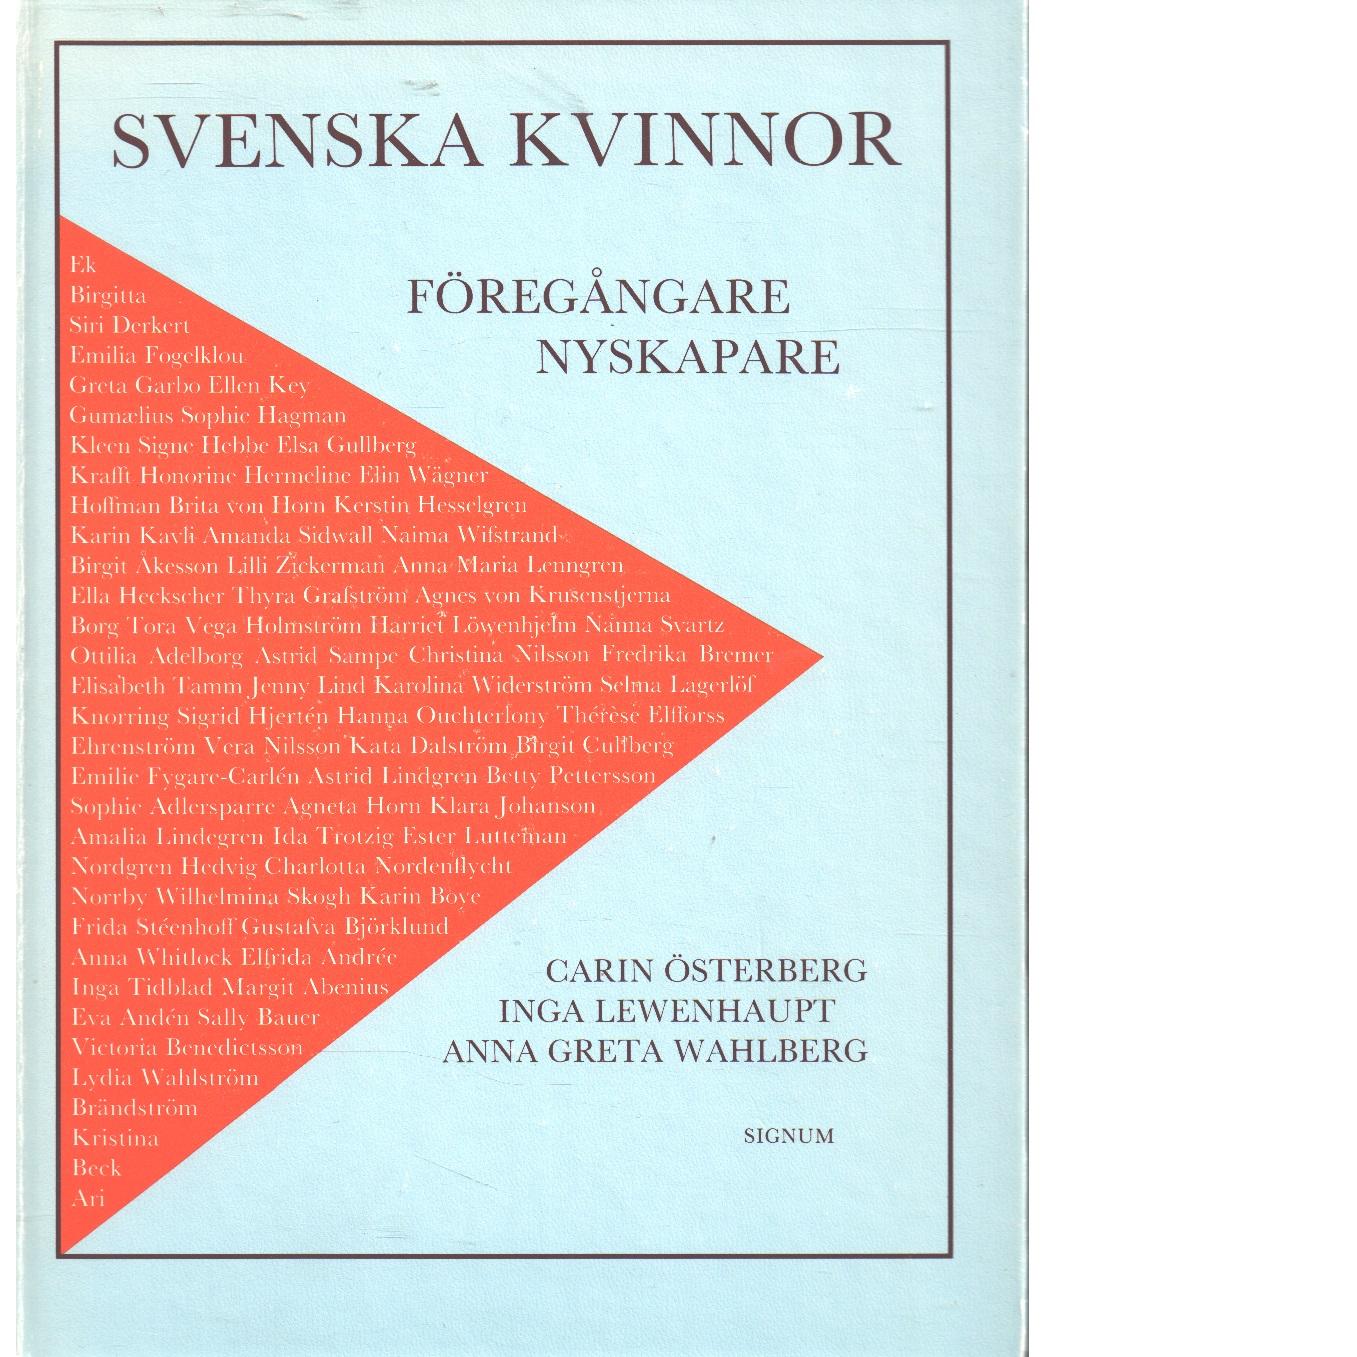 Svenska kvinnor : föregångare nyskapare  - Österberg, Carin och Lewenhaupt, Inga samt  Wahlberg, Anna Greta